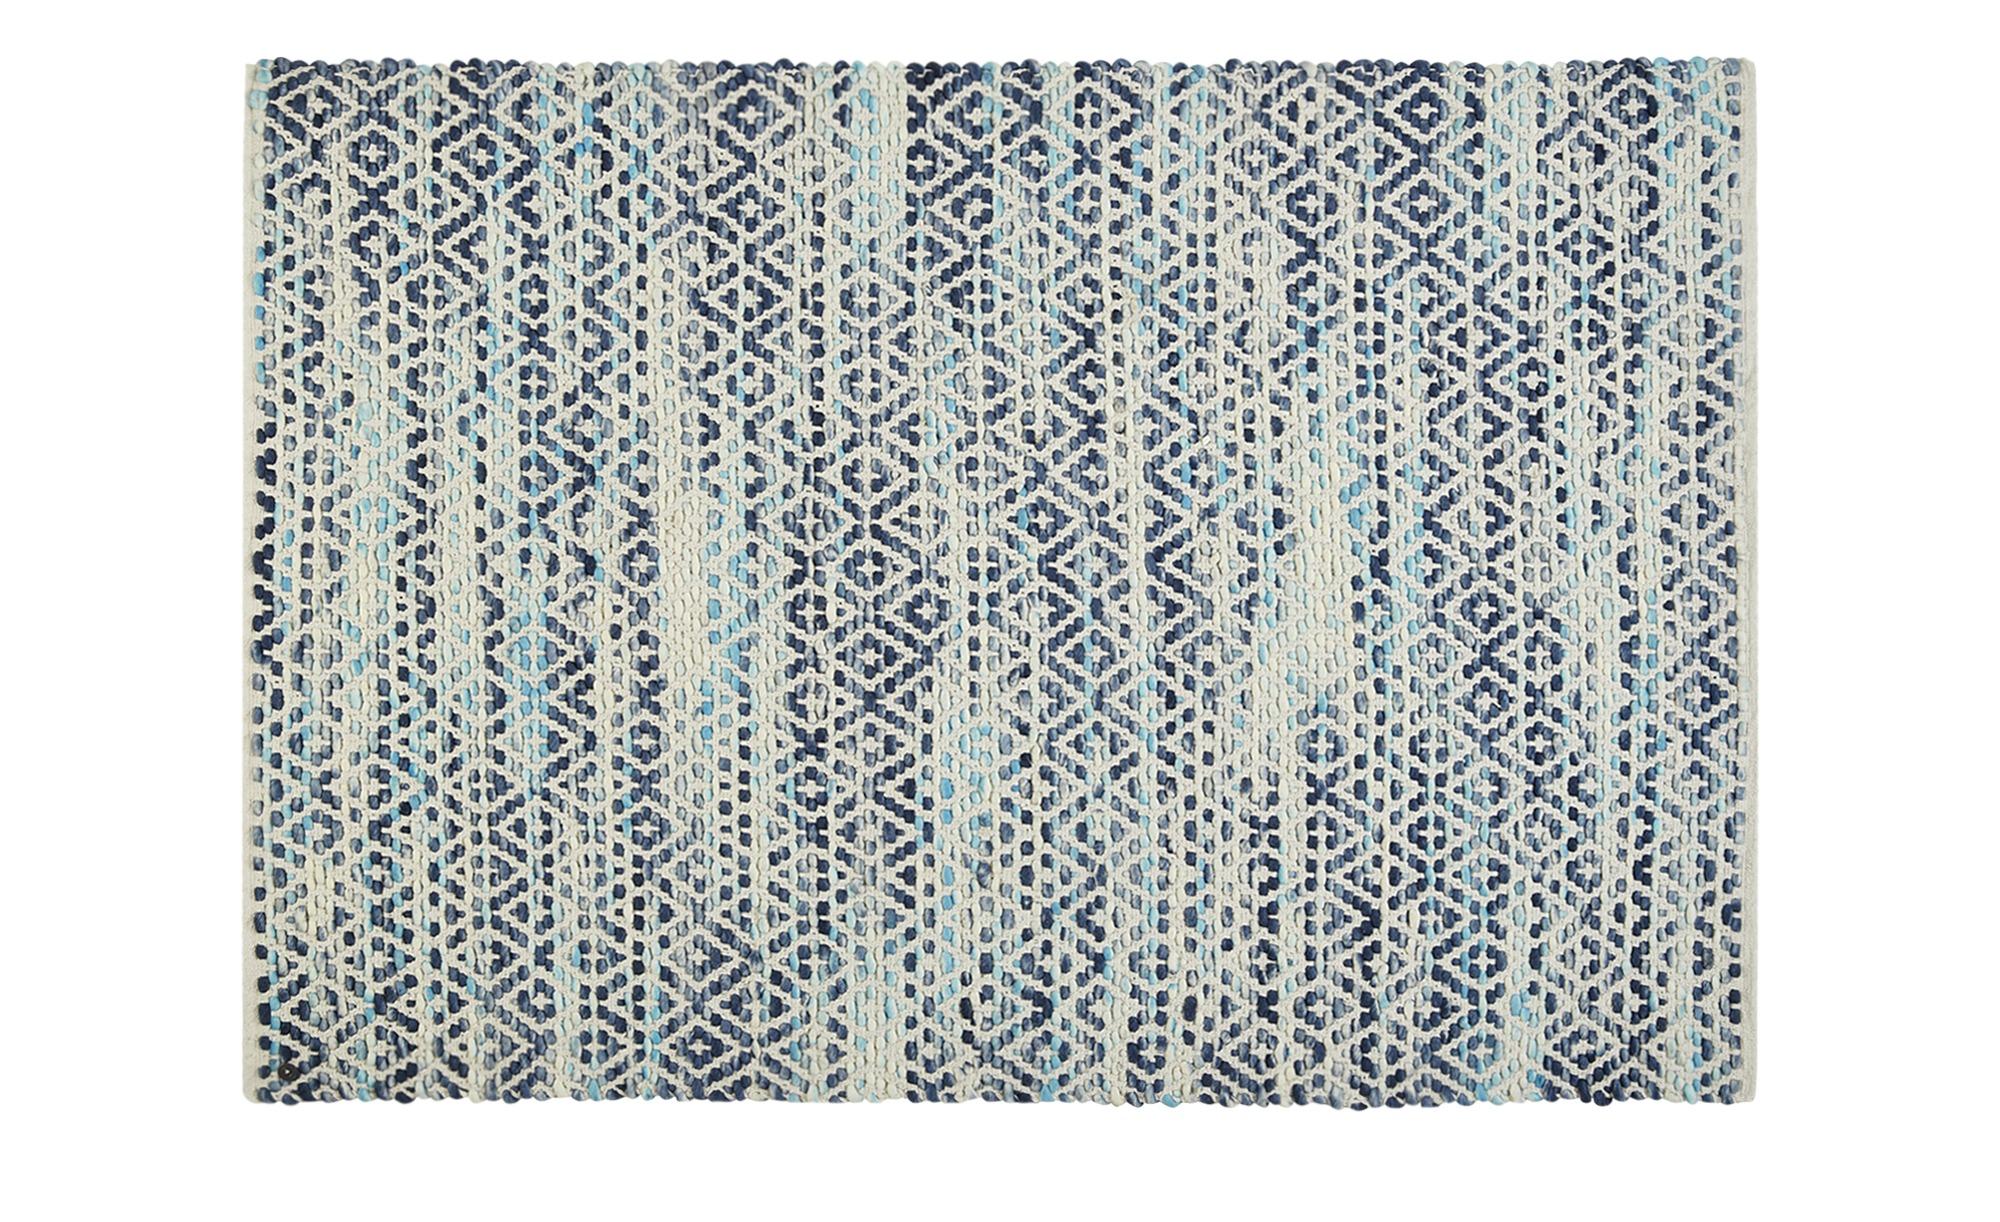 Tom Tailor Handwebteppich  Diamond ¦ blau ¦ 80 % Wolle und 20 % Baumwolle ¦ Maße (cm): B: 160 Teppiche > Wohnteppiche - Höffner